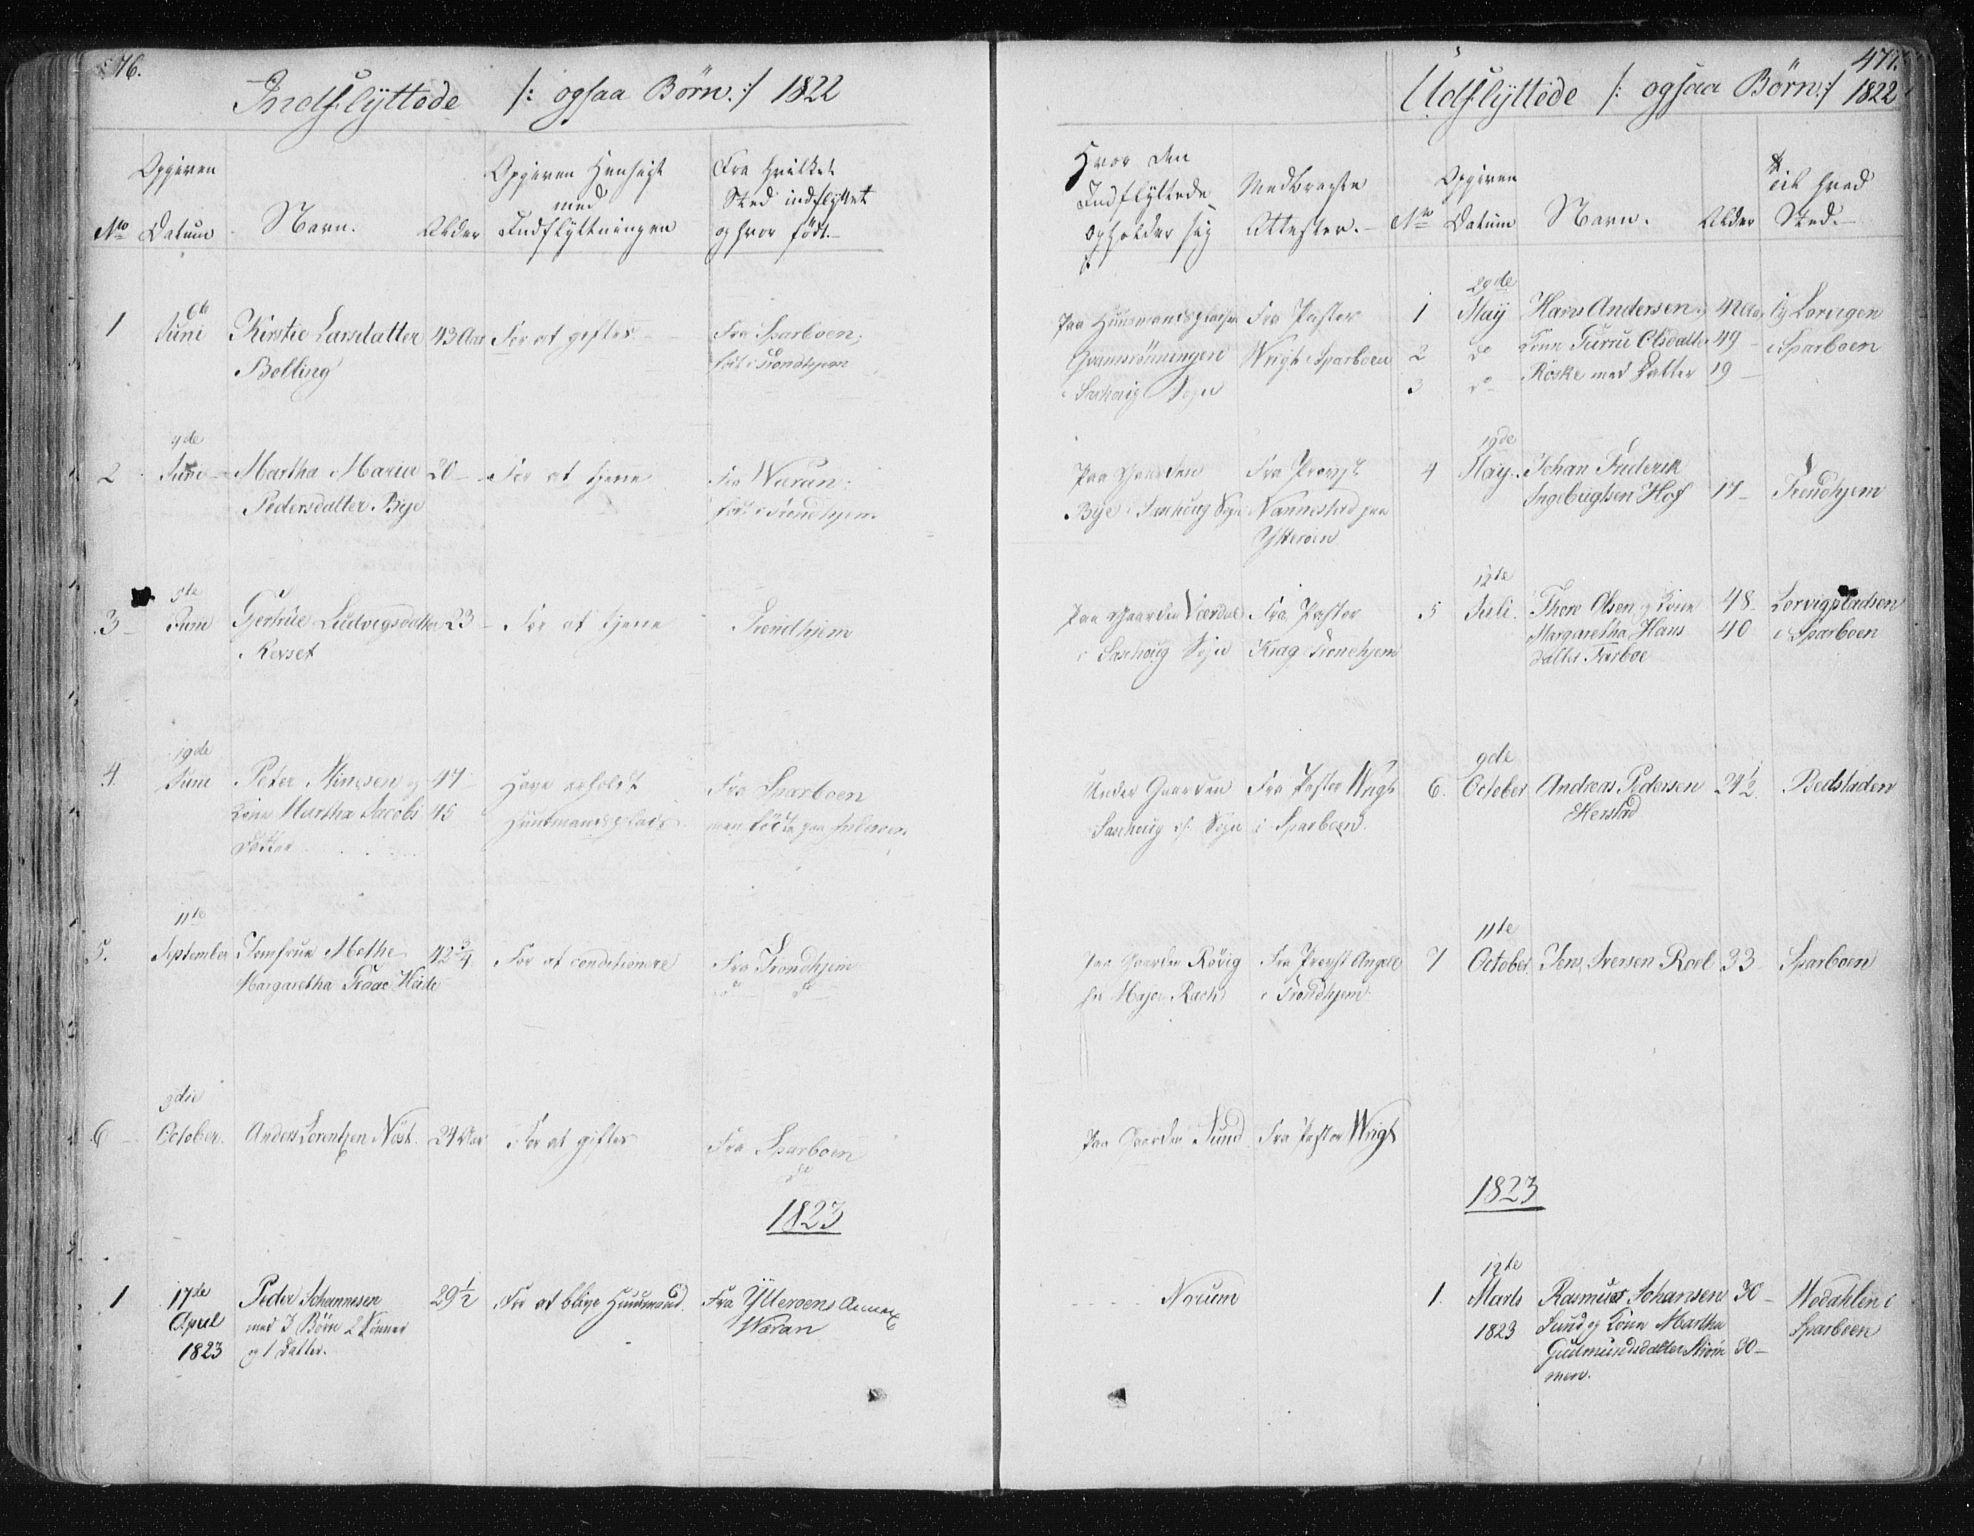 SAT, Ministerialprotokoller, klokkerbøker og fødselsregistre - Nord-Trøndelag, 730/L0276: Parish register (official) no. 730A05, 1822-1830, p. 476-477